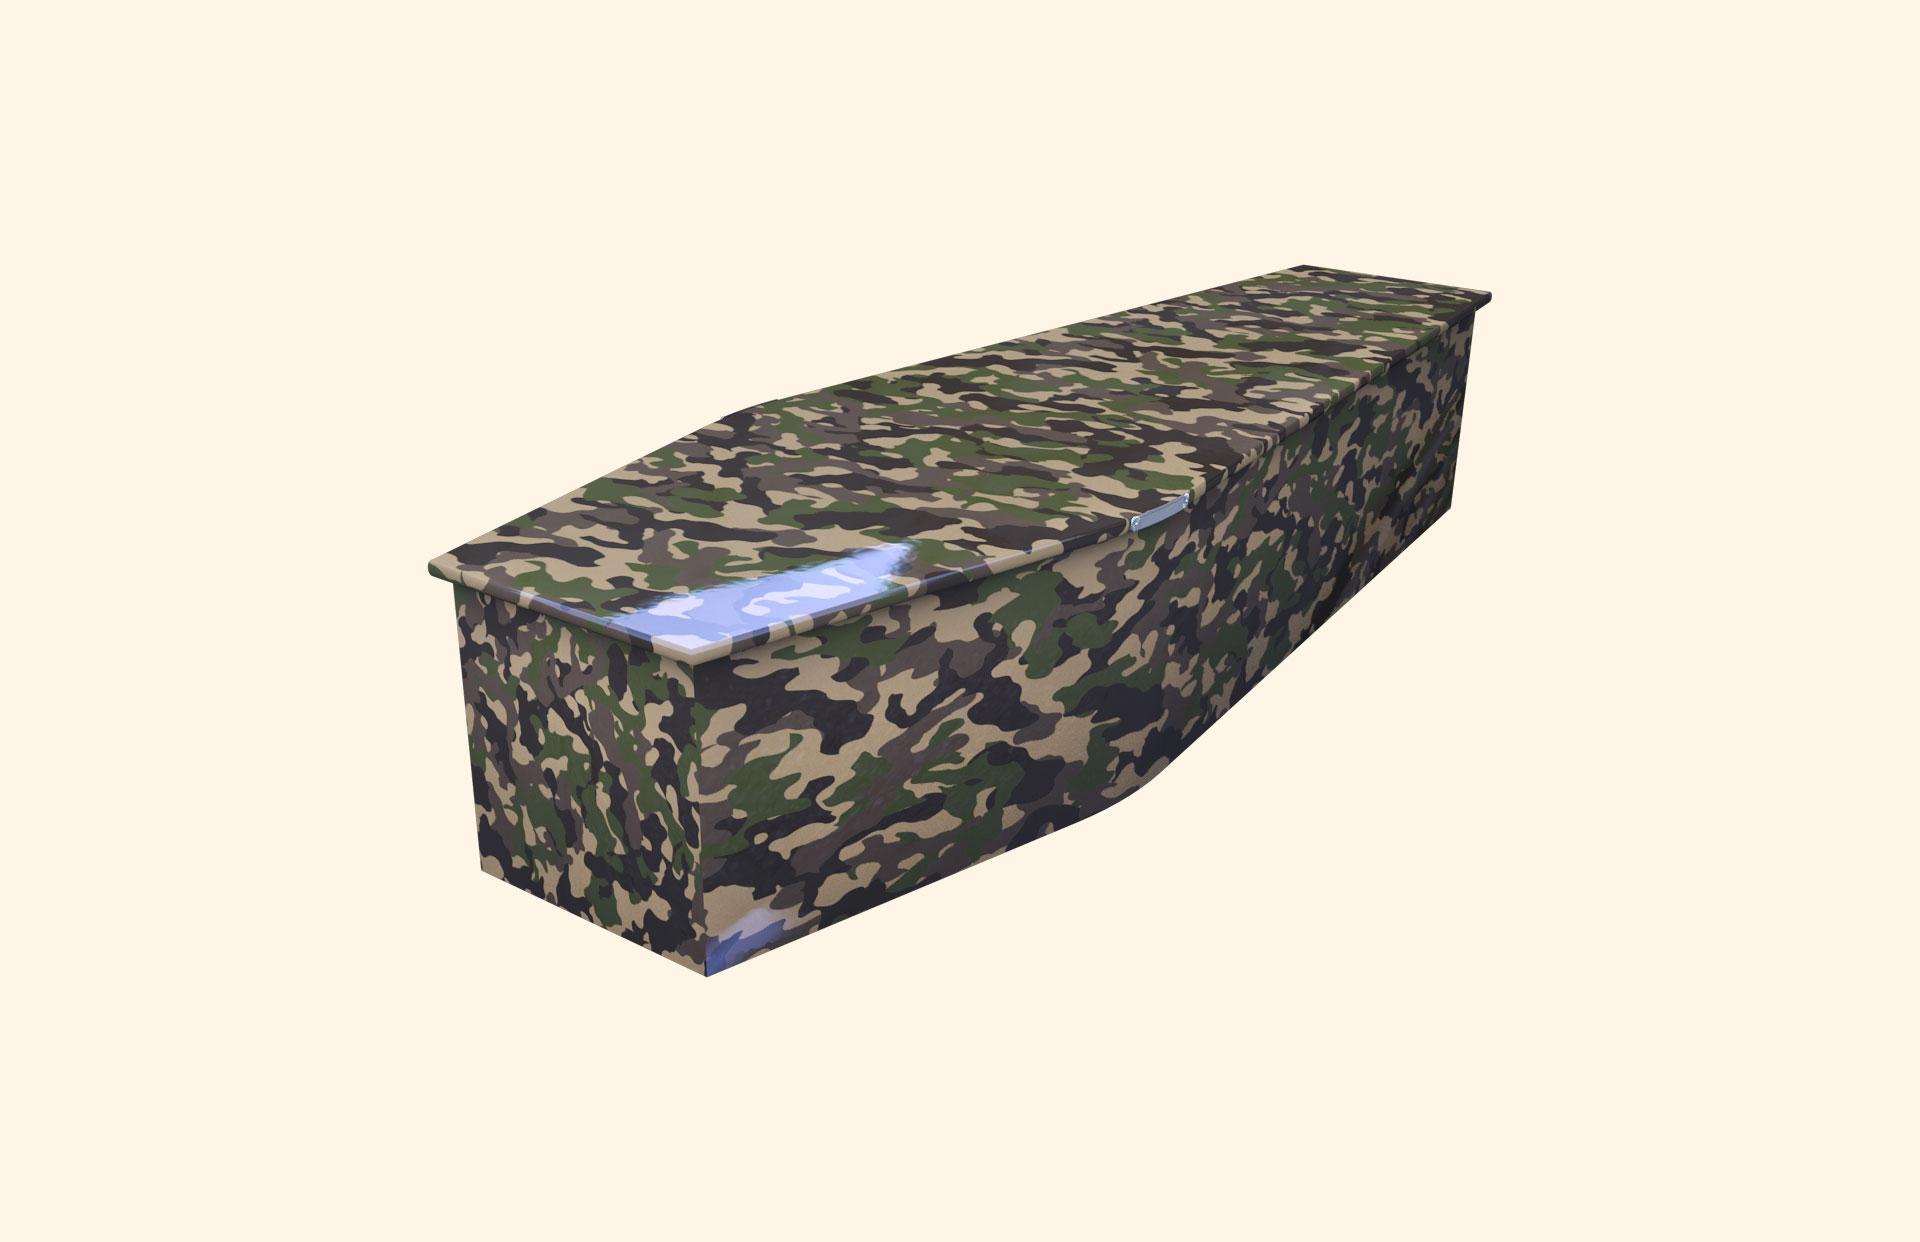 Camo Green child coffin